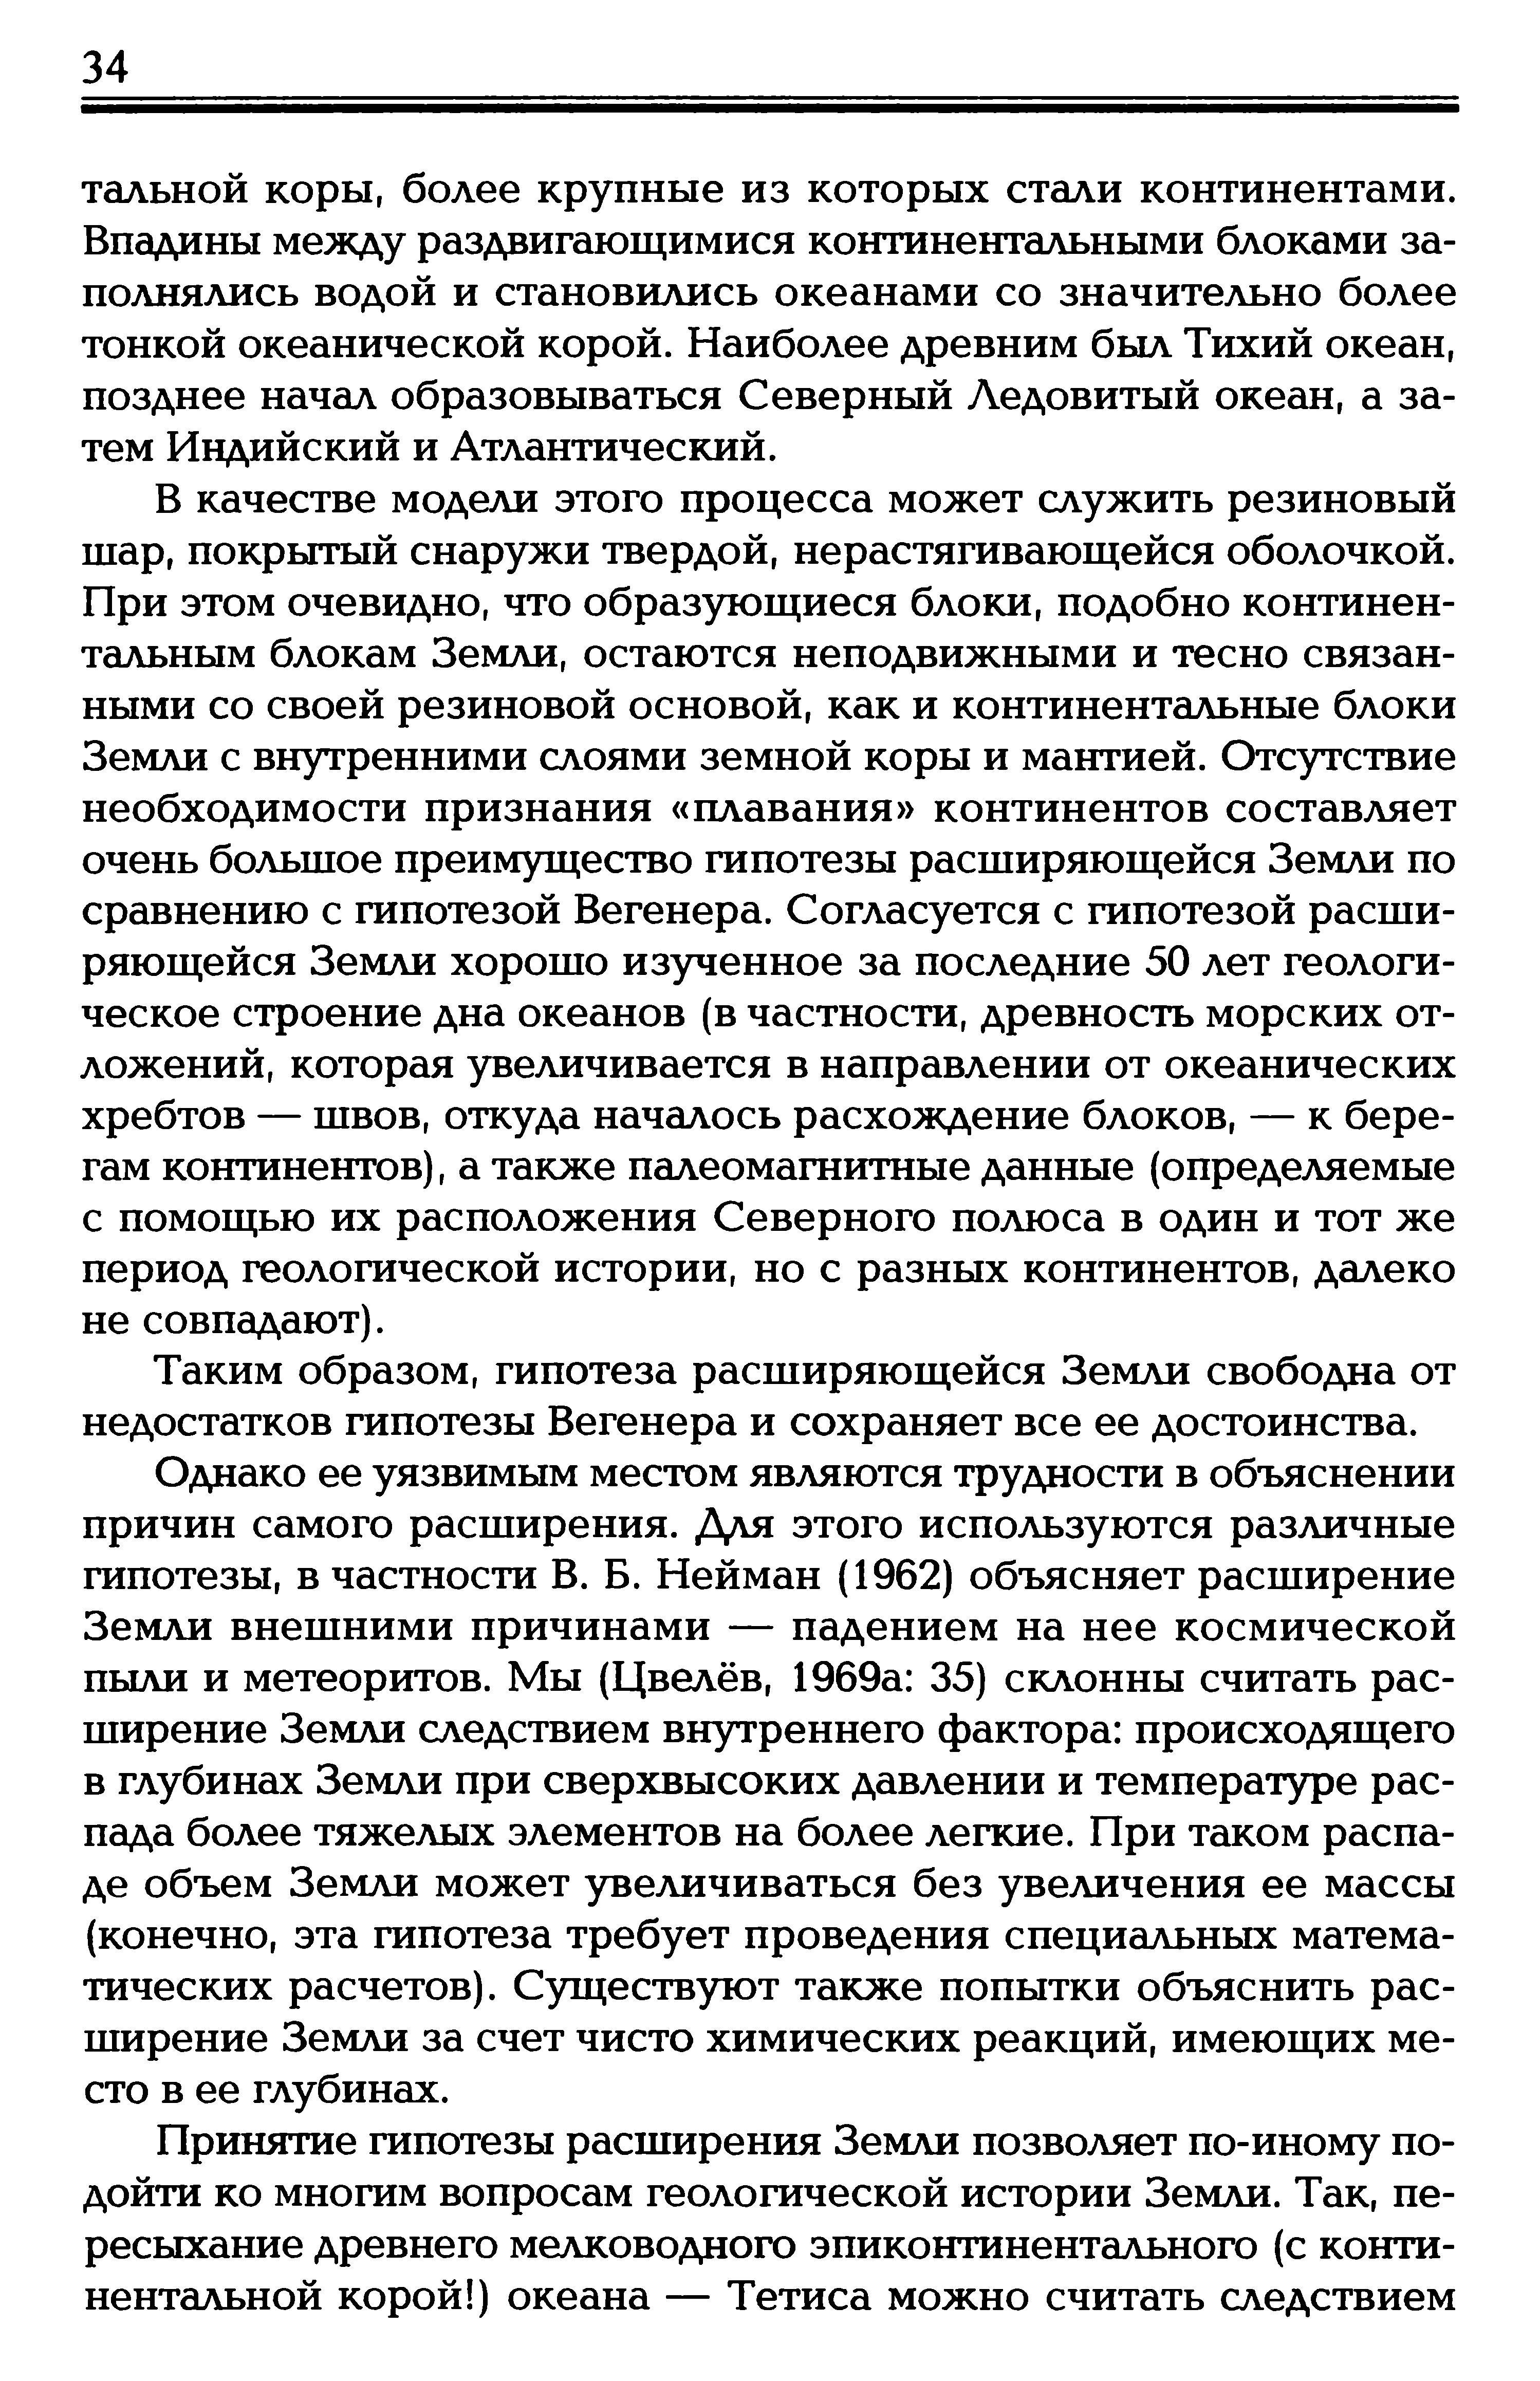 Tzvelev, 2005_2_2.jpg